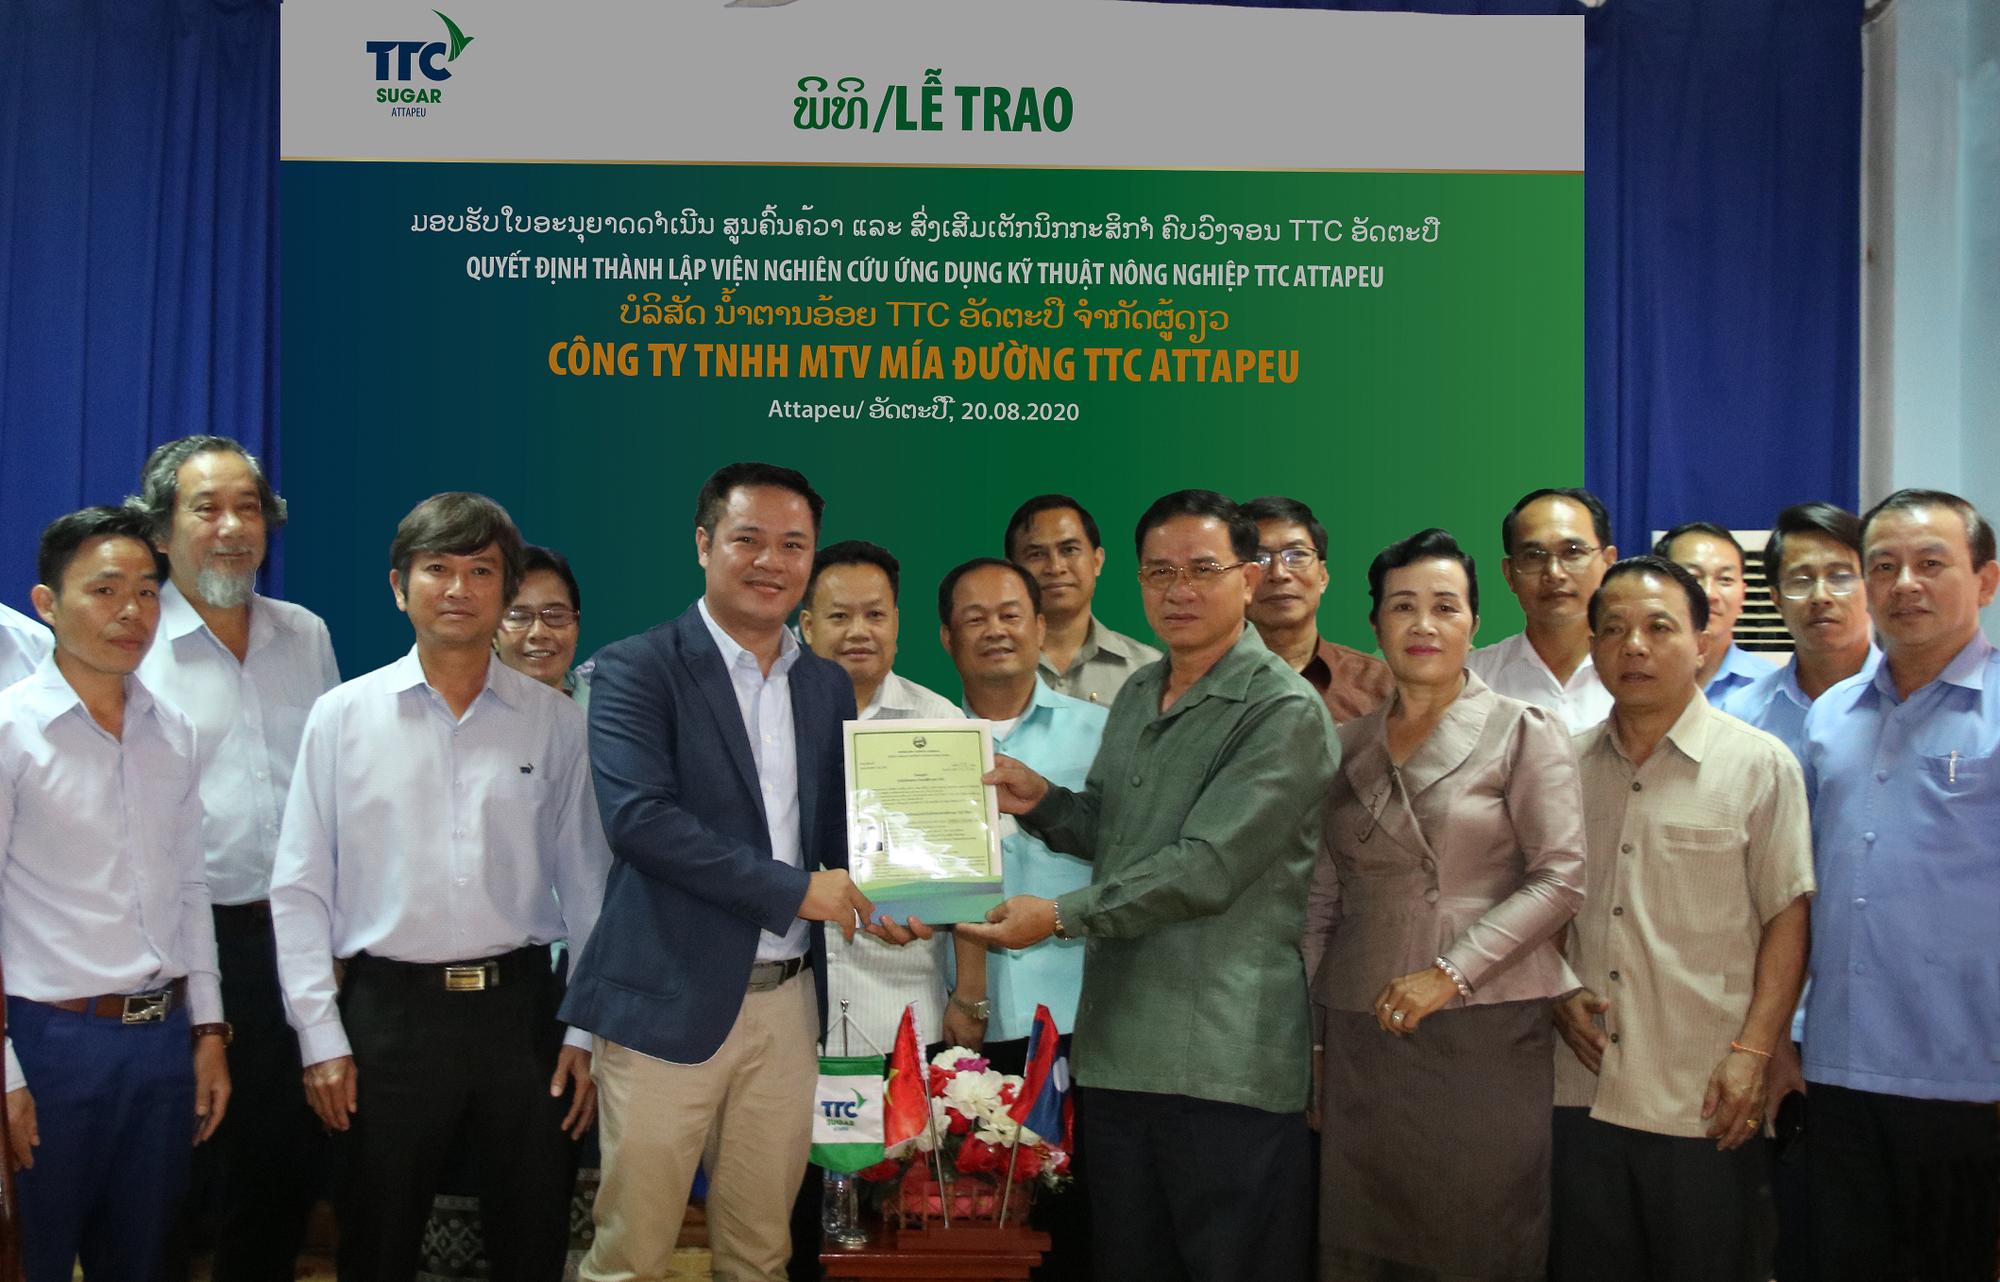 TTC Sugar thành lập Viện Nghiên cứu Ứng dụng Kỹ thuật Nông nghiệp TTC Attapeu - Ảnh 1.